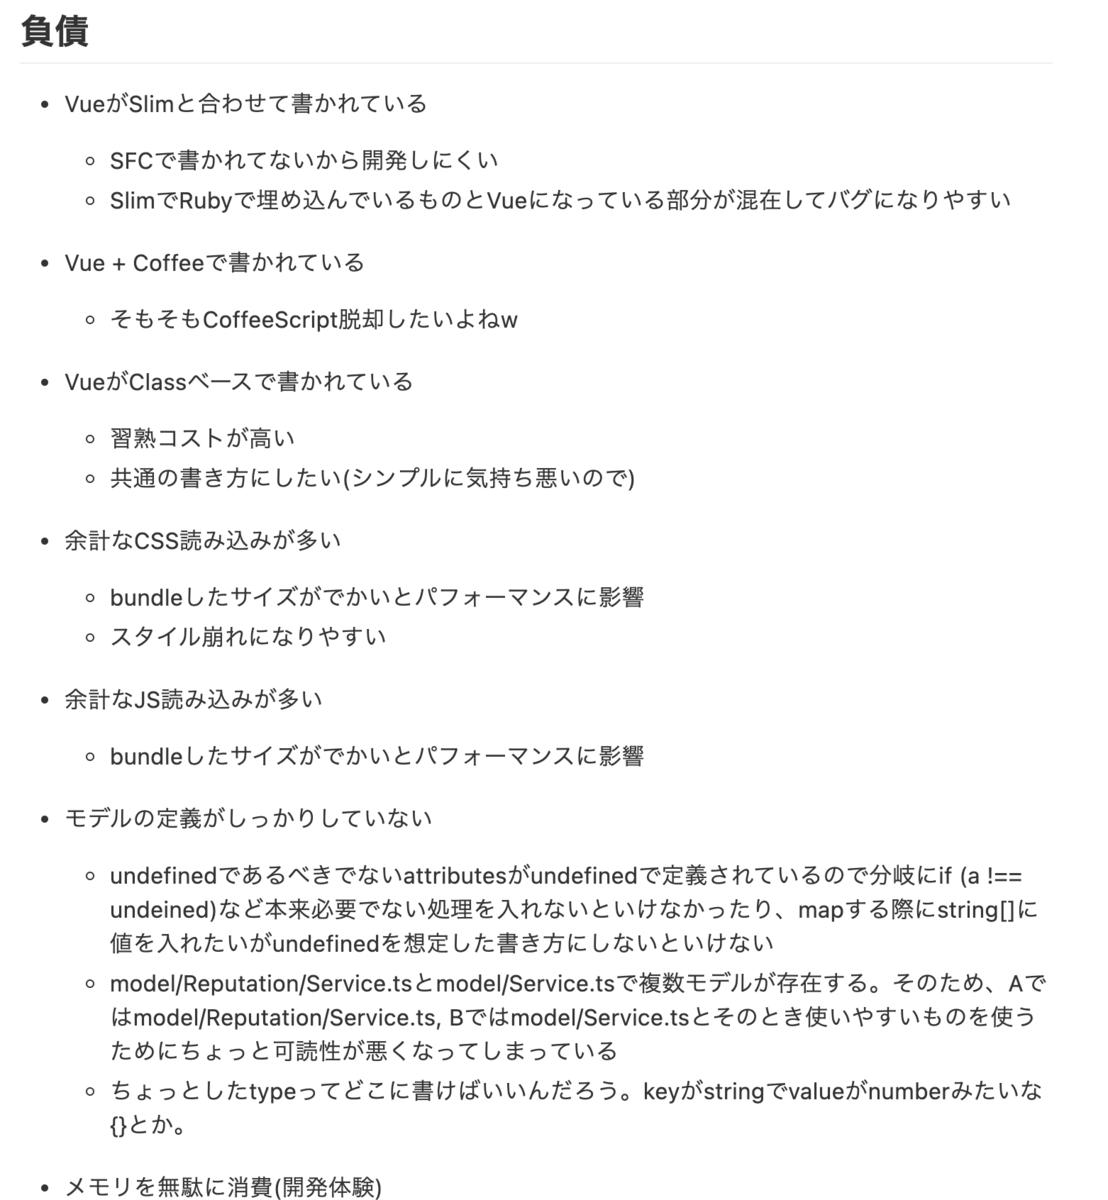 f:id:yoshinaga-iwnl:20210628141729p:plain